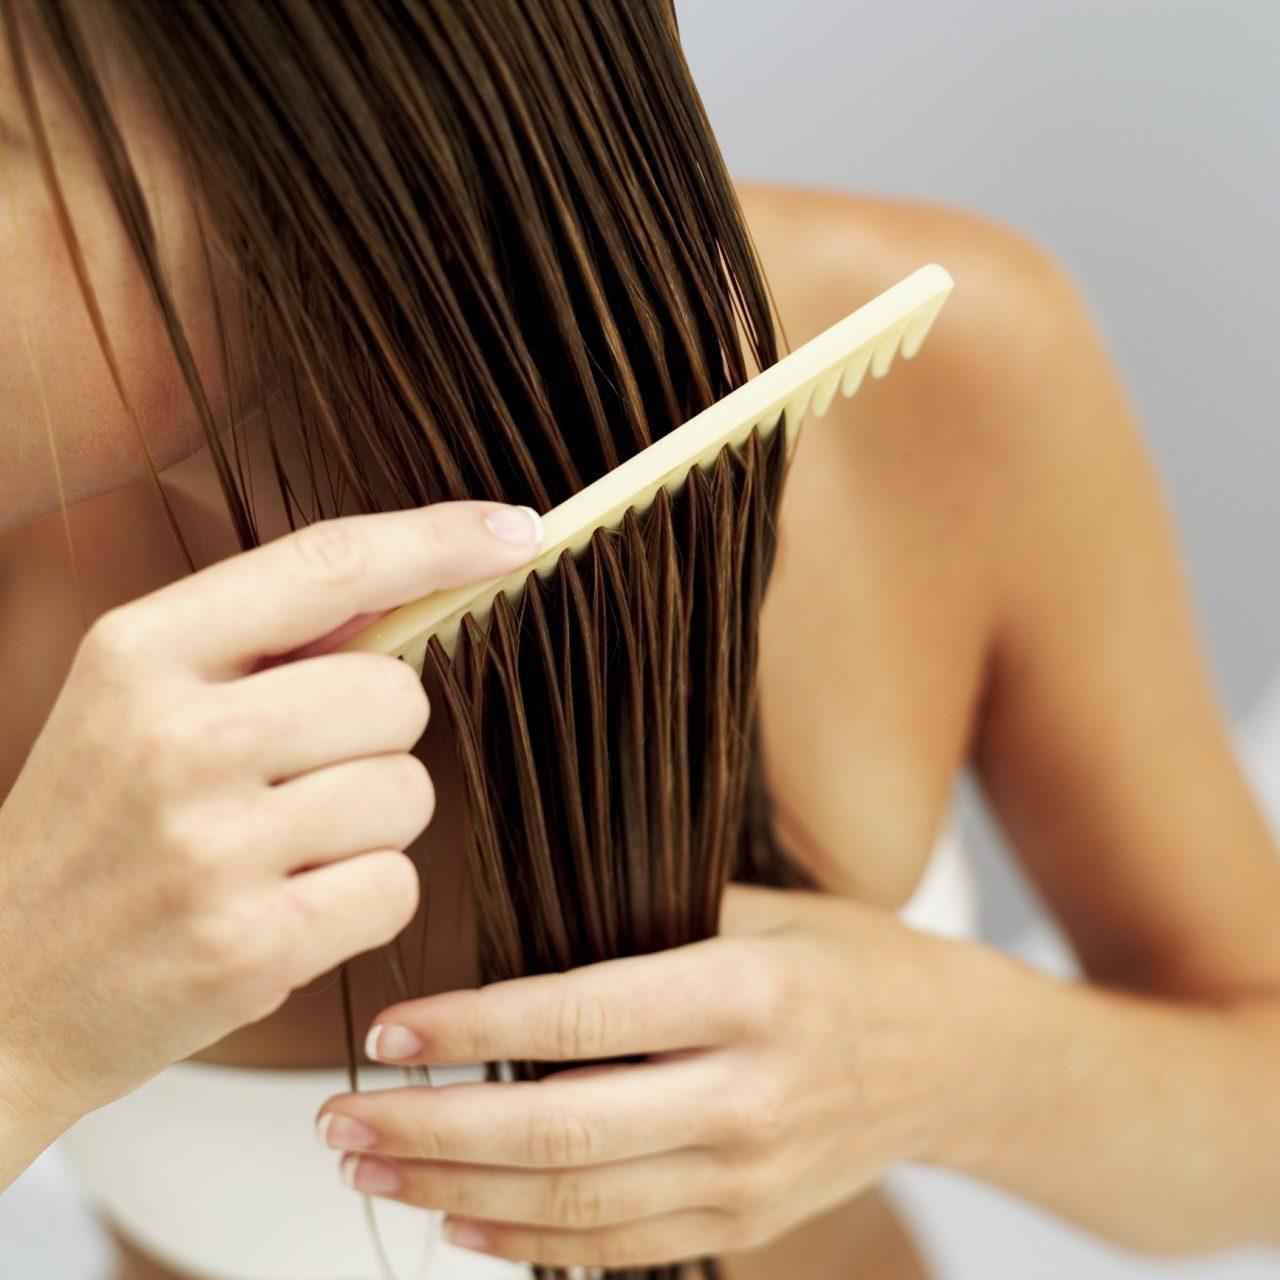 Как избавиться от волос на лобке: 6 методов, которые работают 68